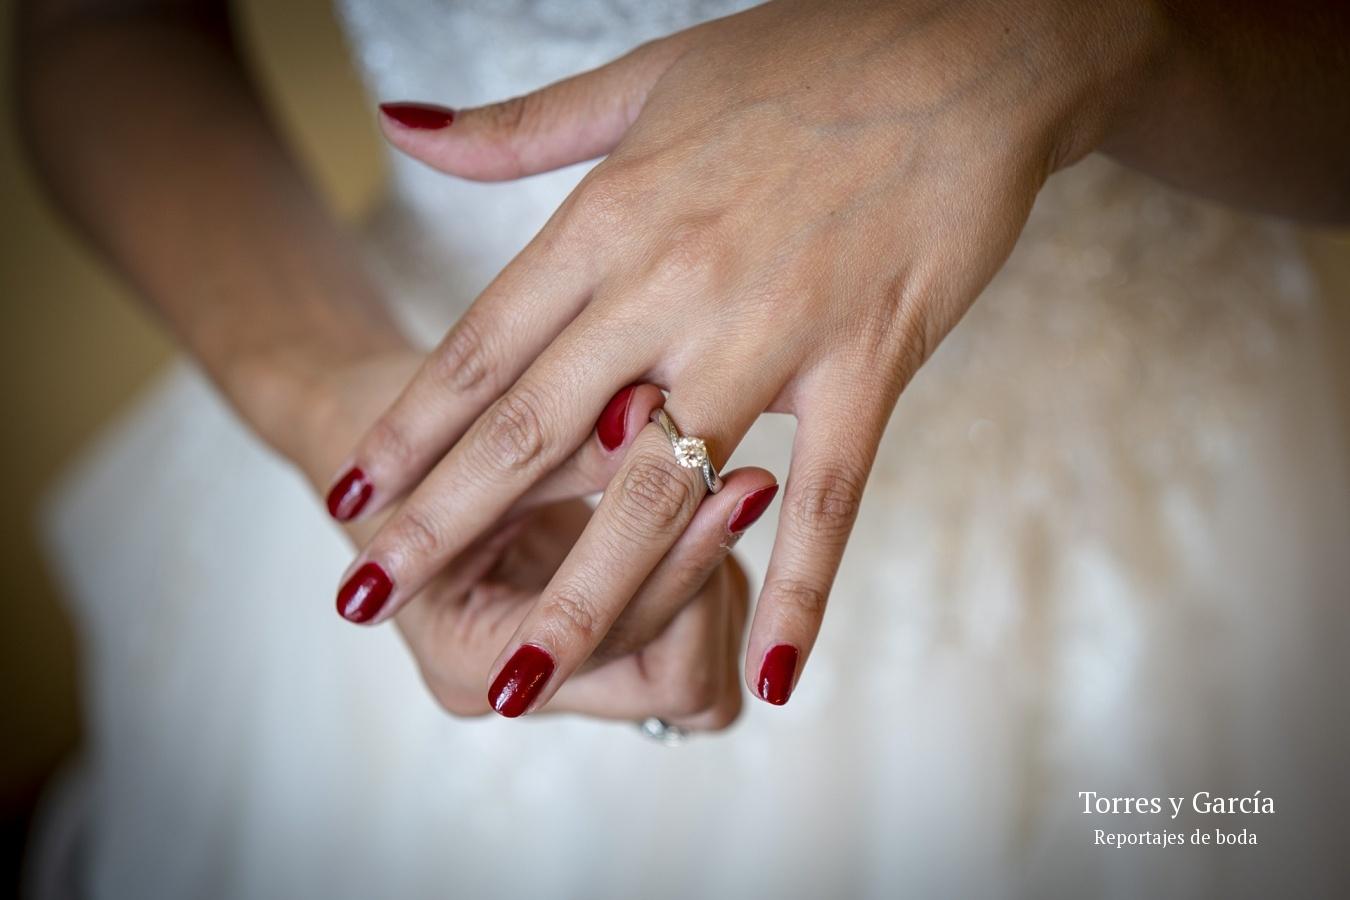 el anillo de compromiso - Fotografías - Libros y reportajes de boda diferentes.